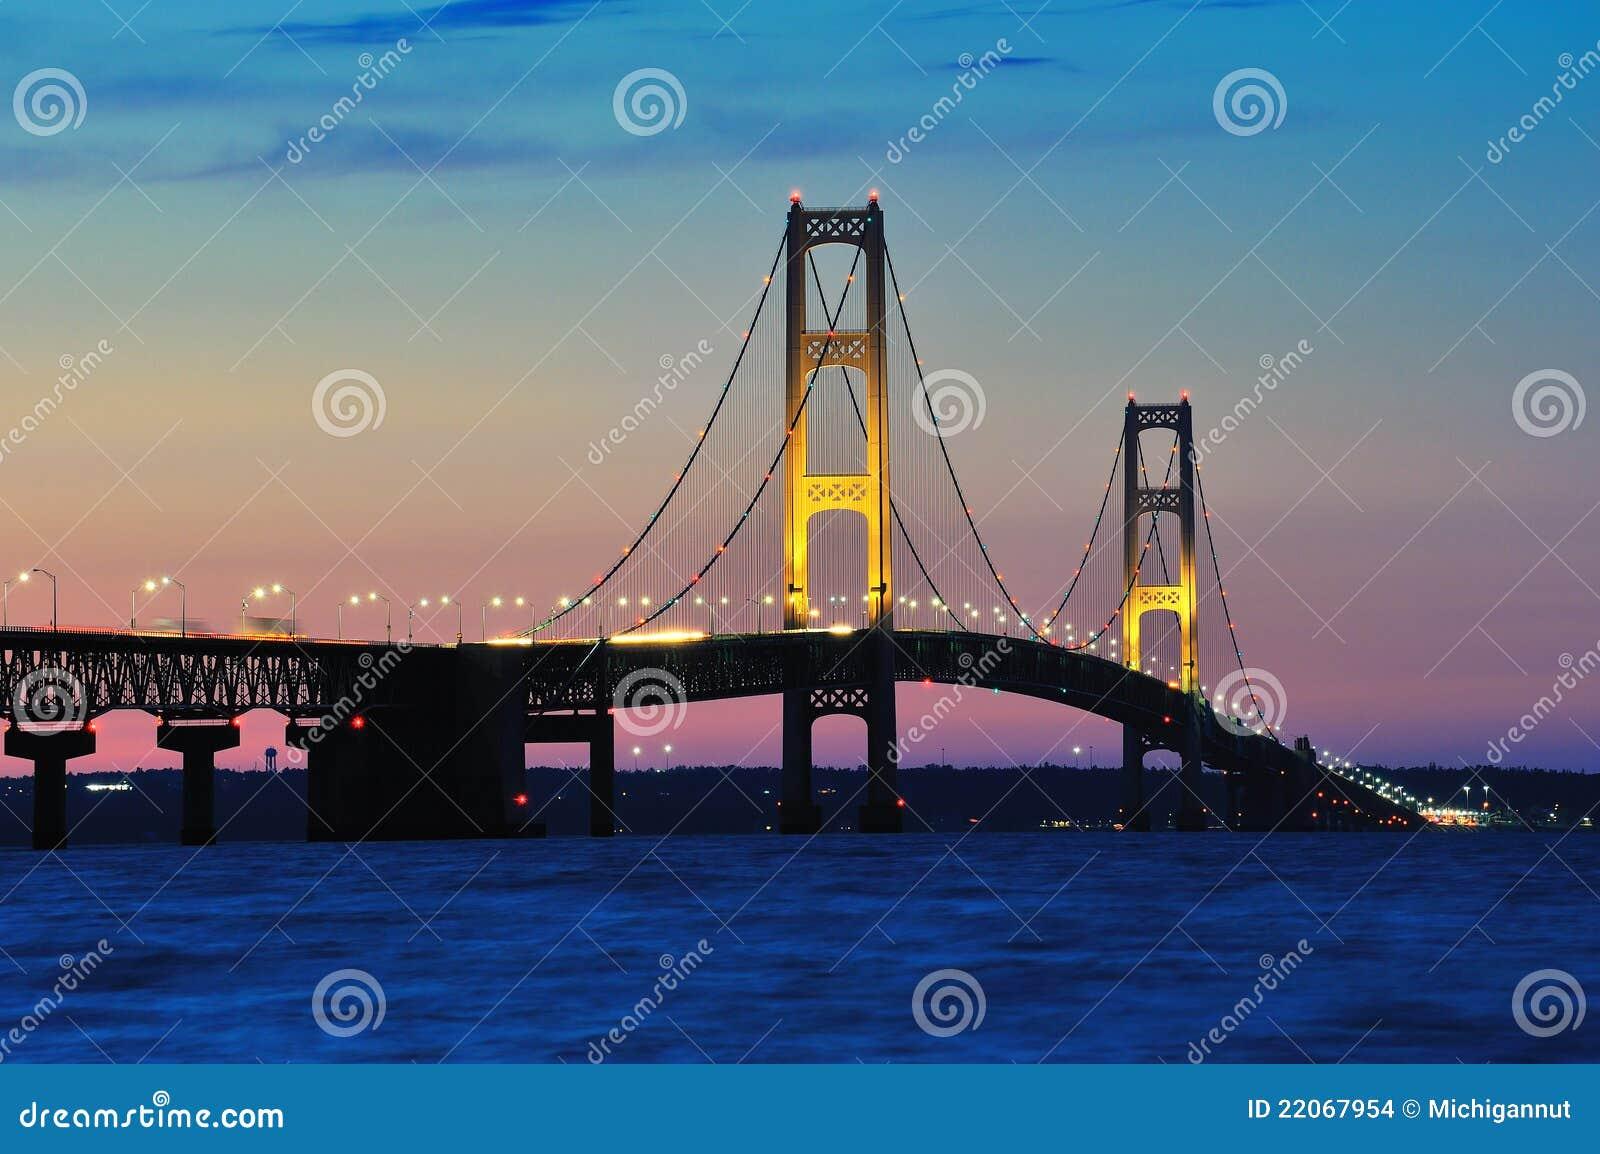 Mackinac Bridge Sunset, Mackinaw City Michigan,USA